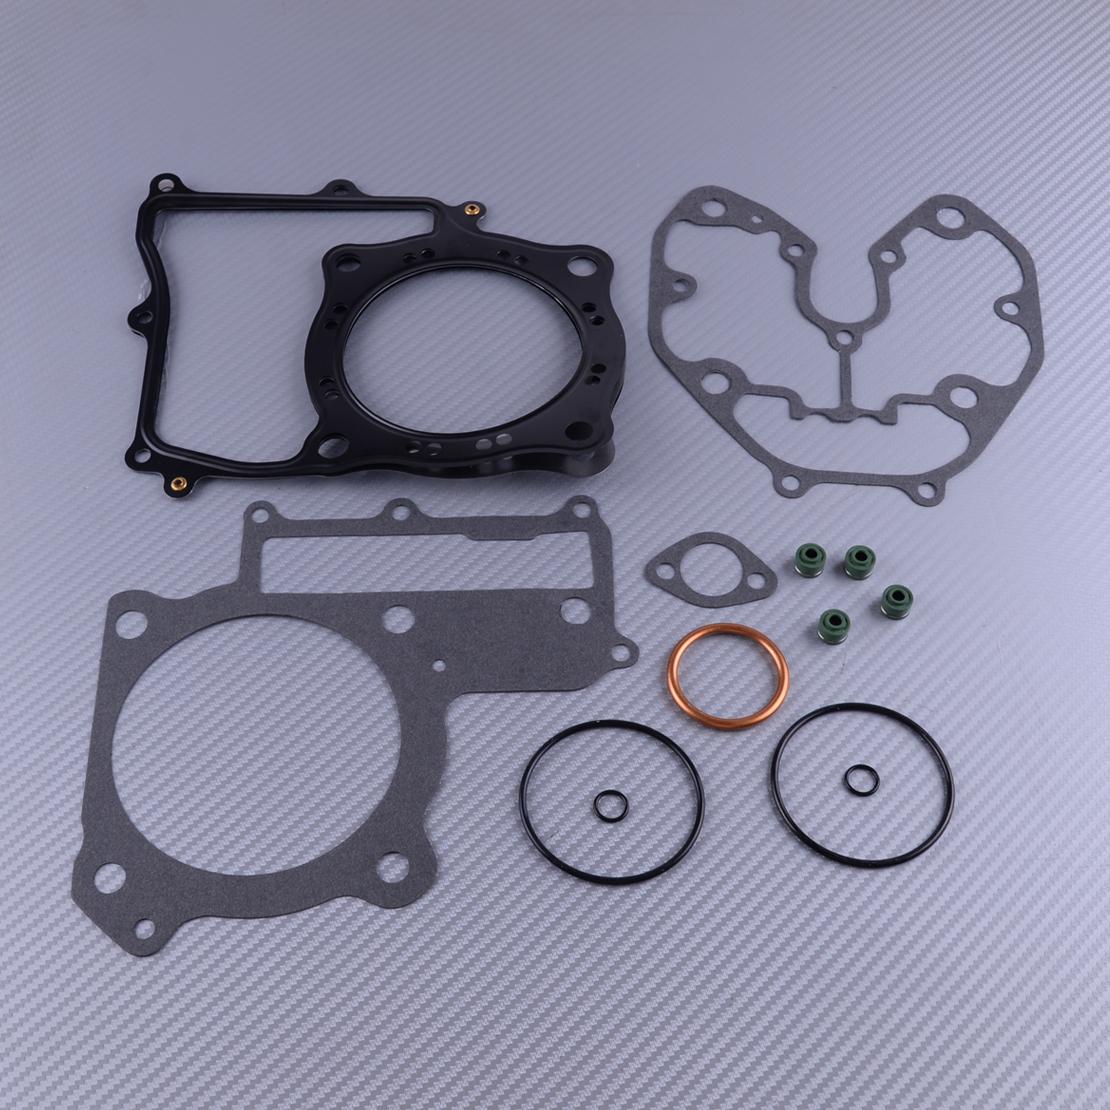 Piston Kit~2013 Honda TRX500FPA FourTrax Foreman Rubicon with EPS